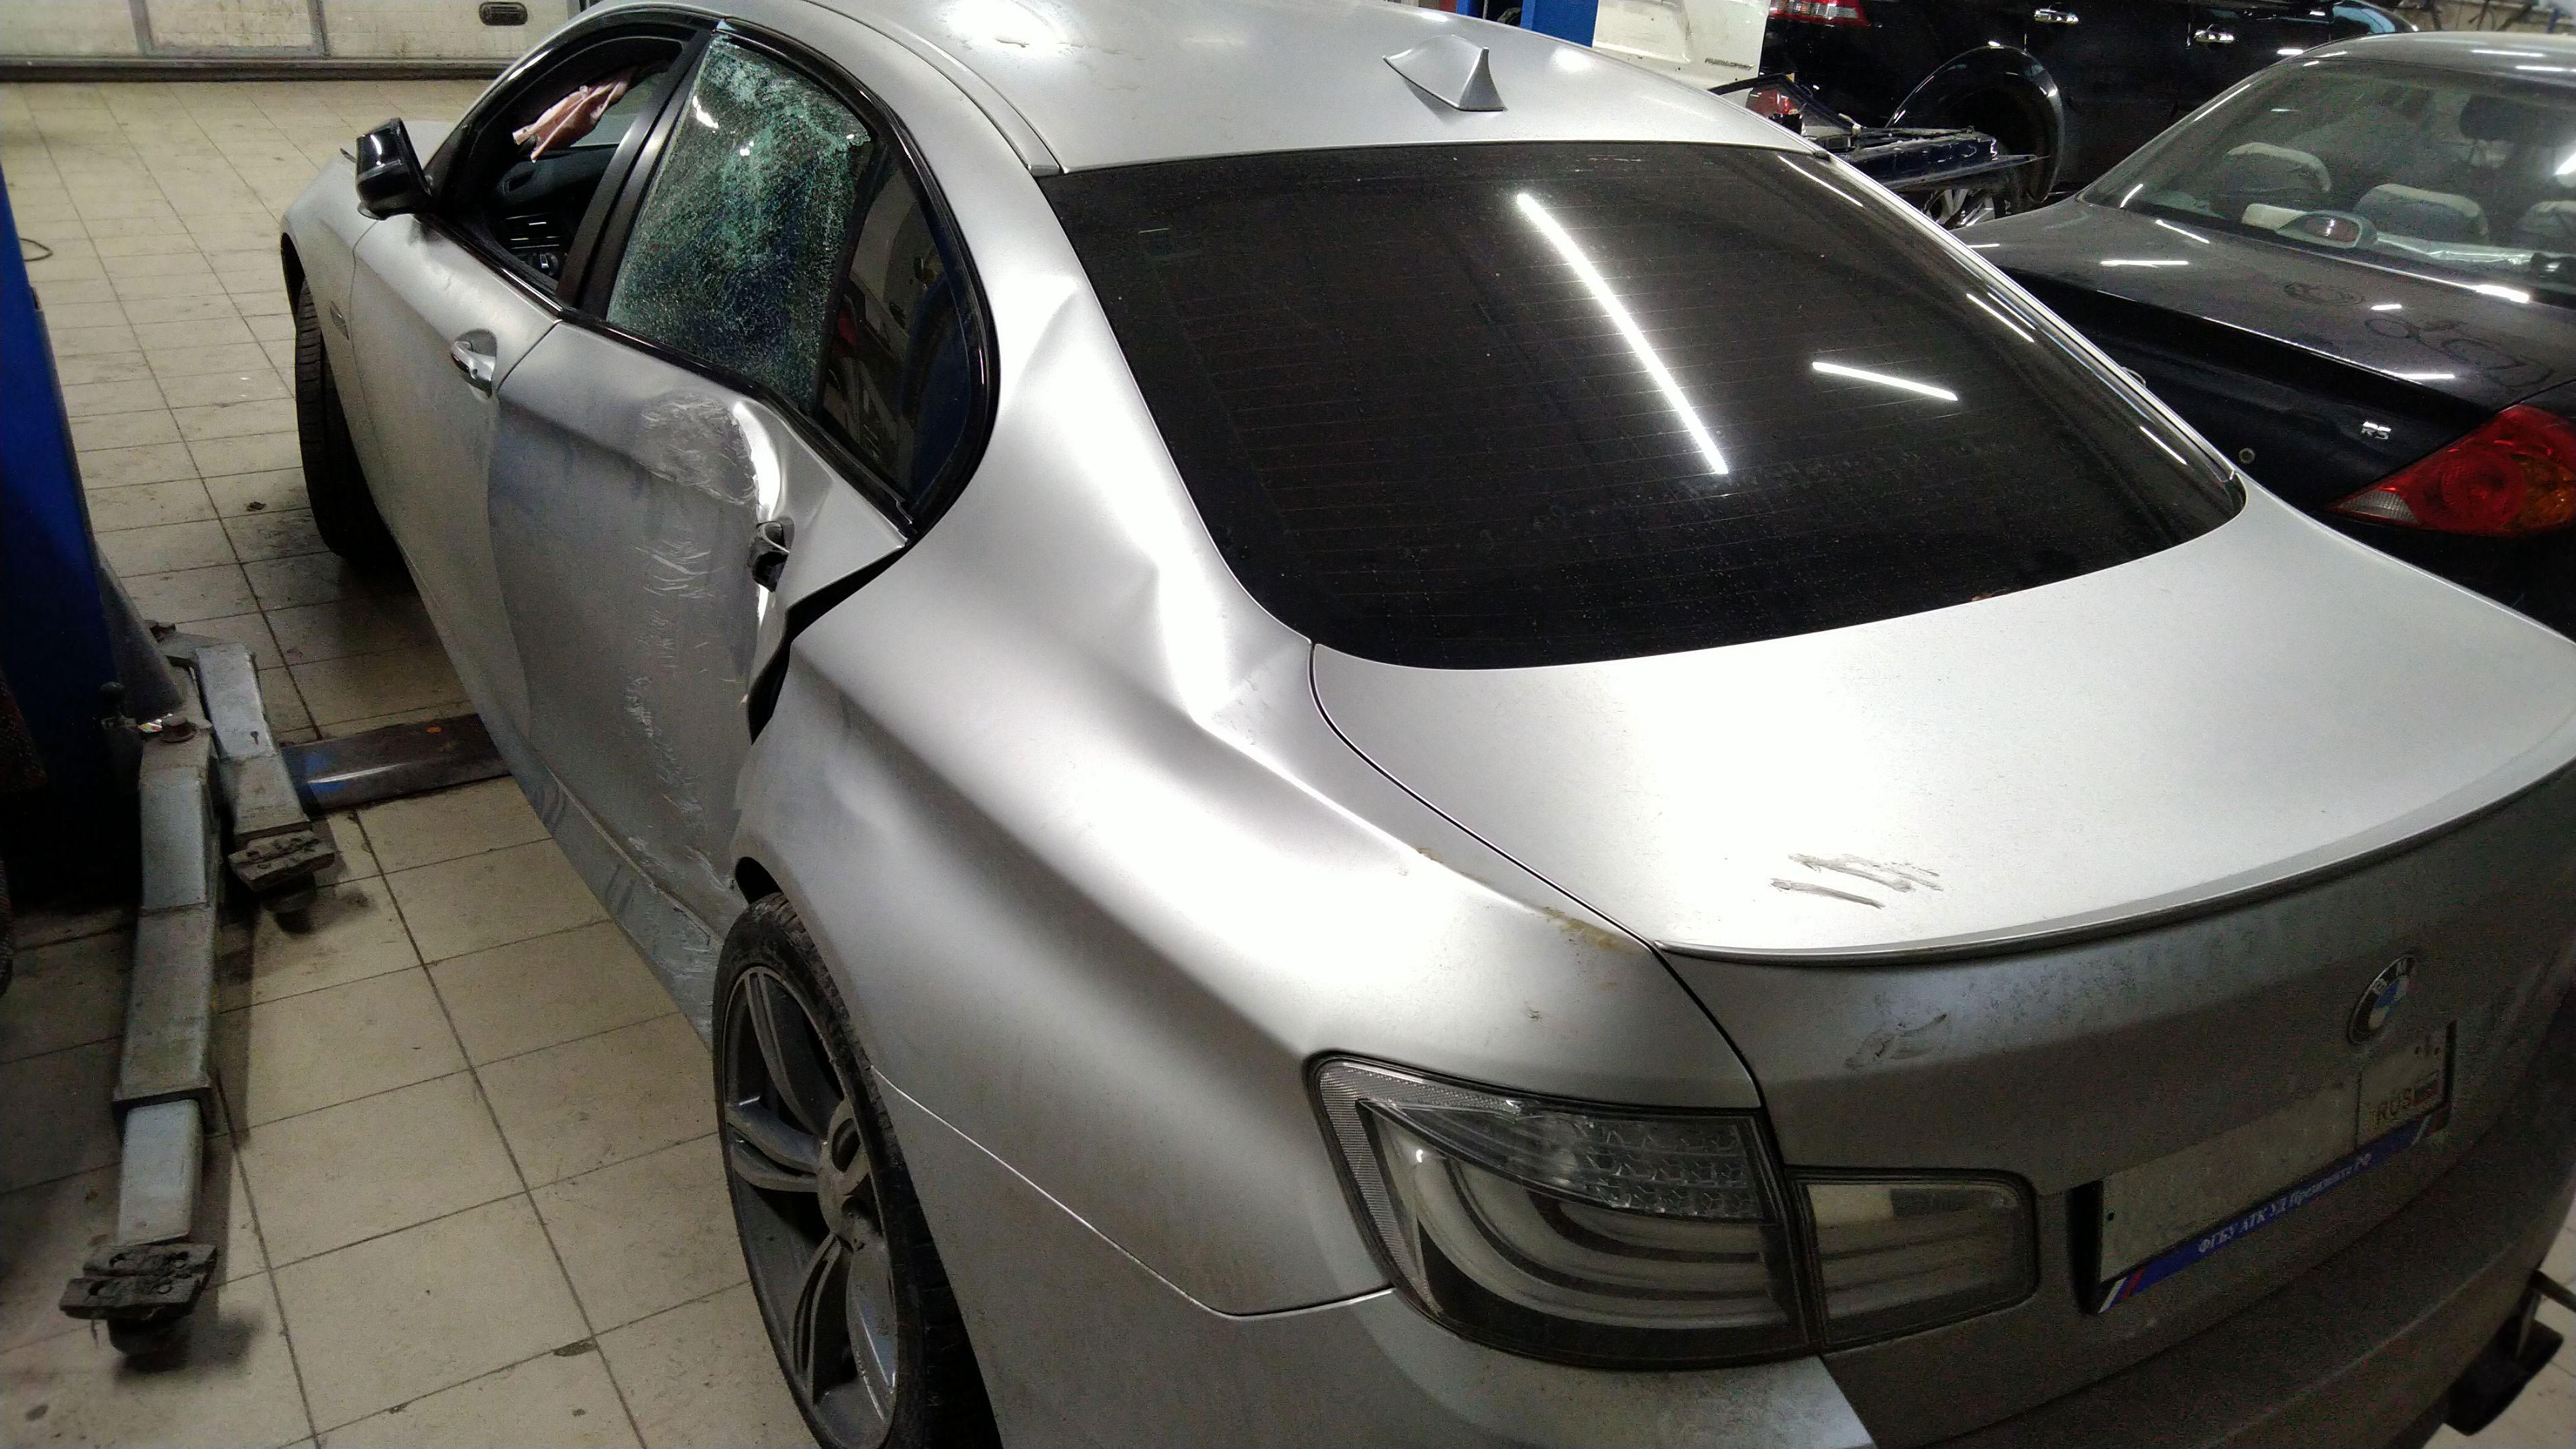 Кузовной ремонт BMW 5 Series в Люберцах с восстановлением геометрии задней части